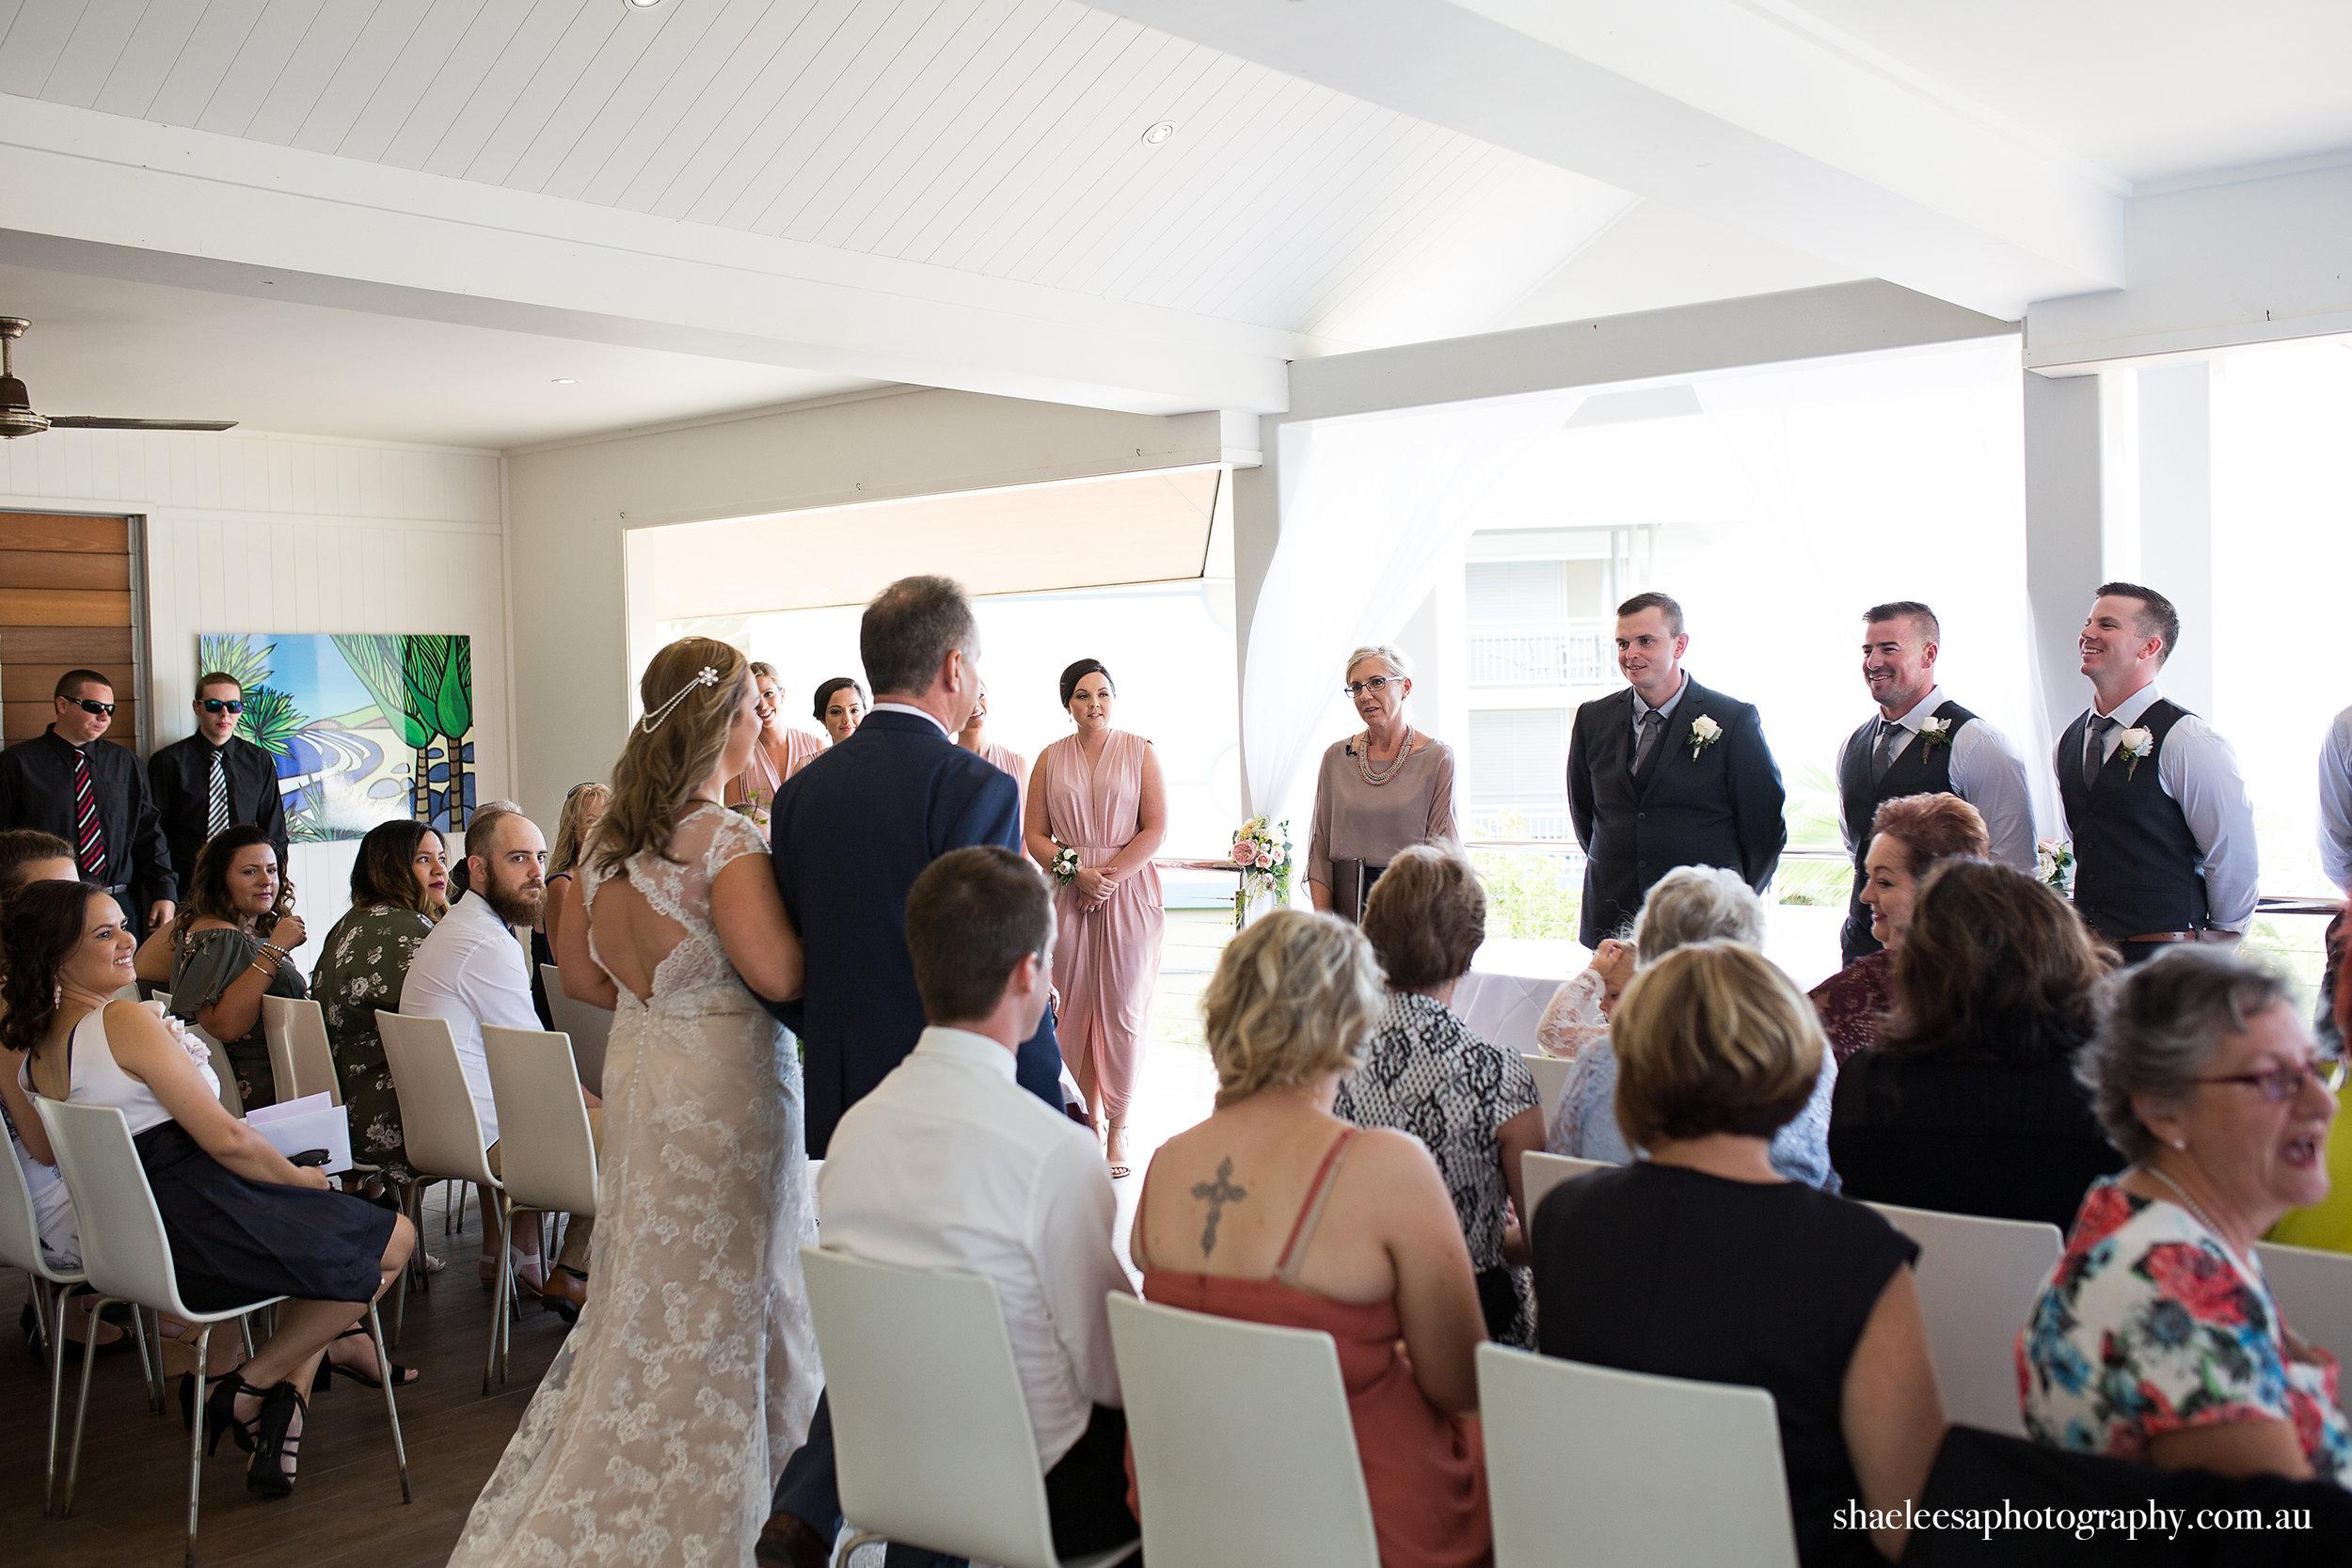 WeddingsByShae_054_McDermid2017.jpg